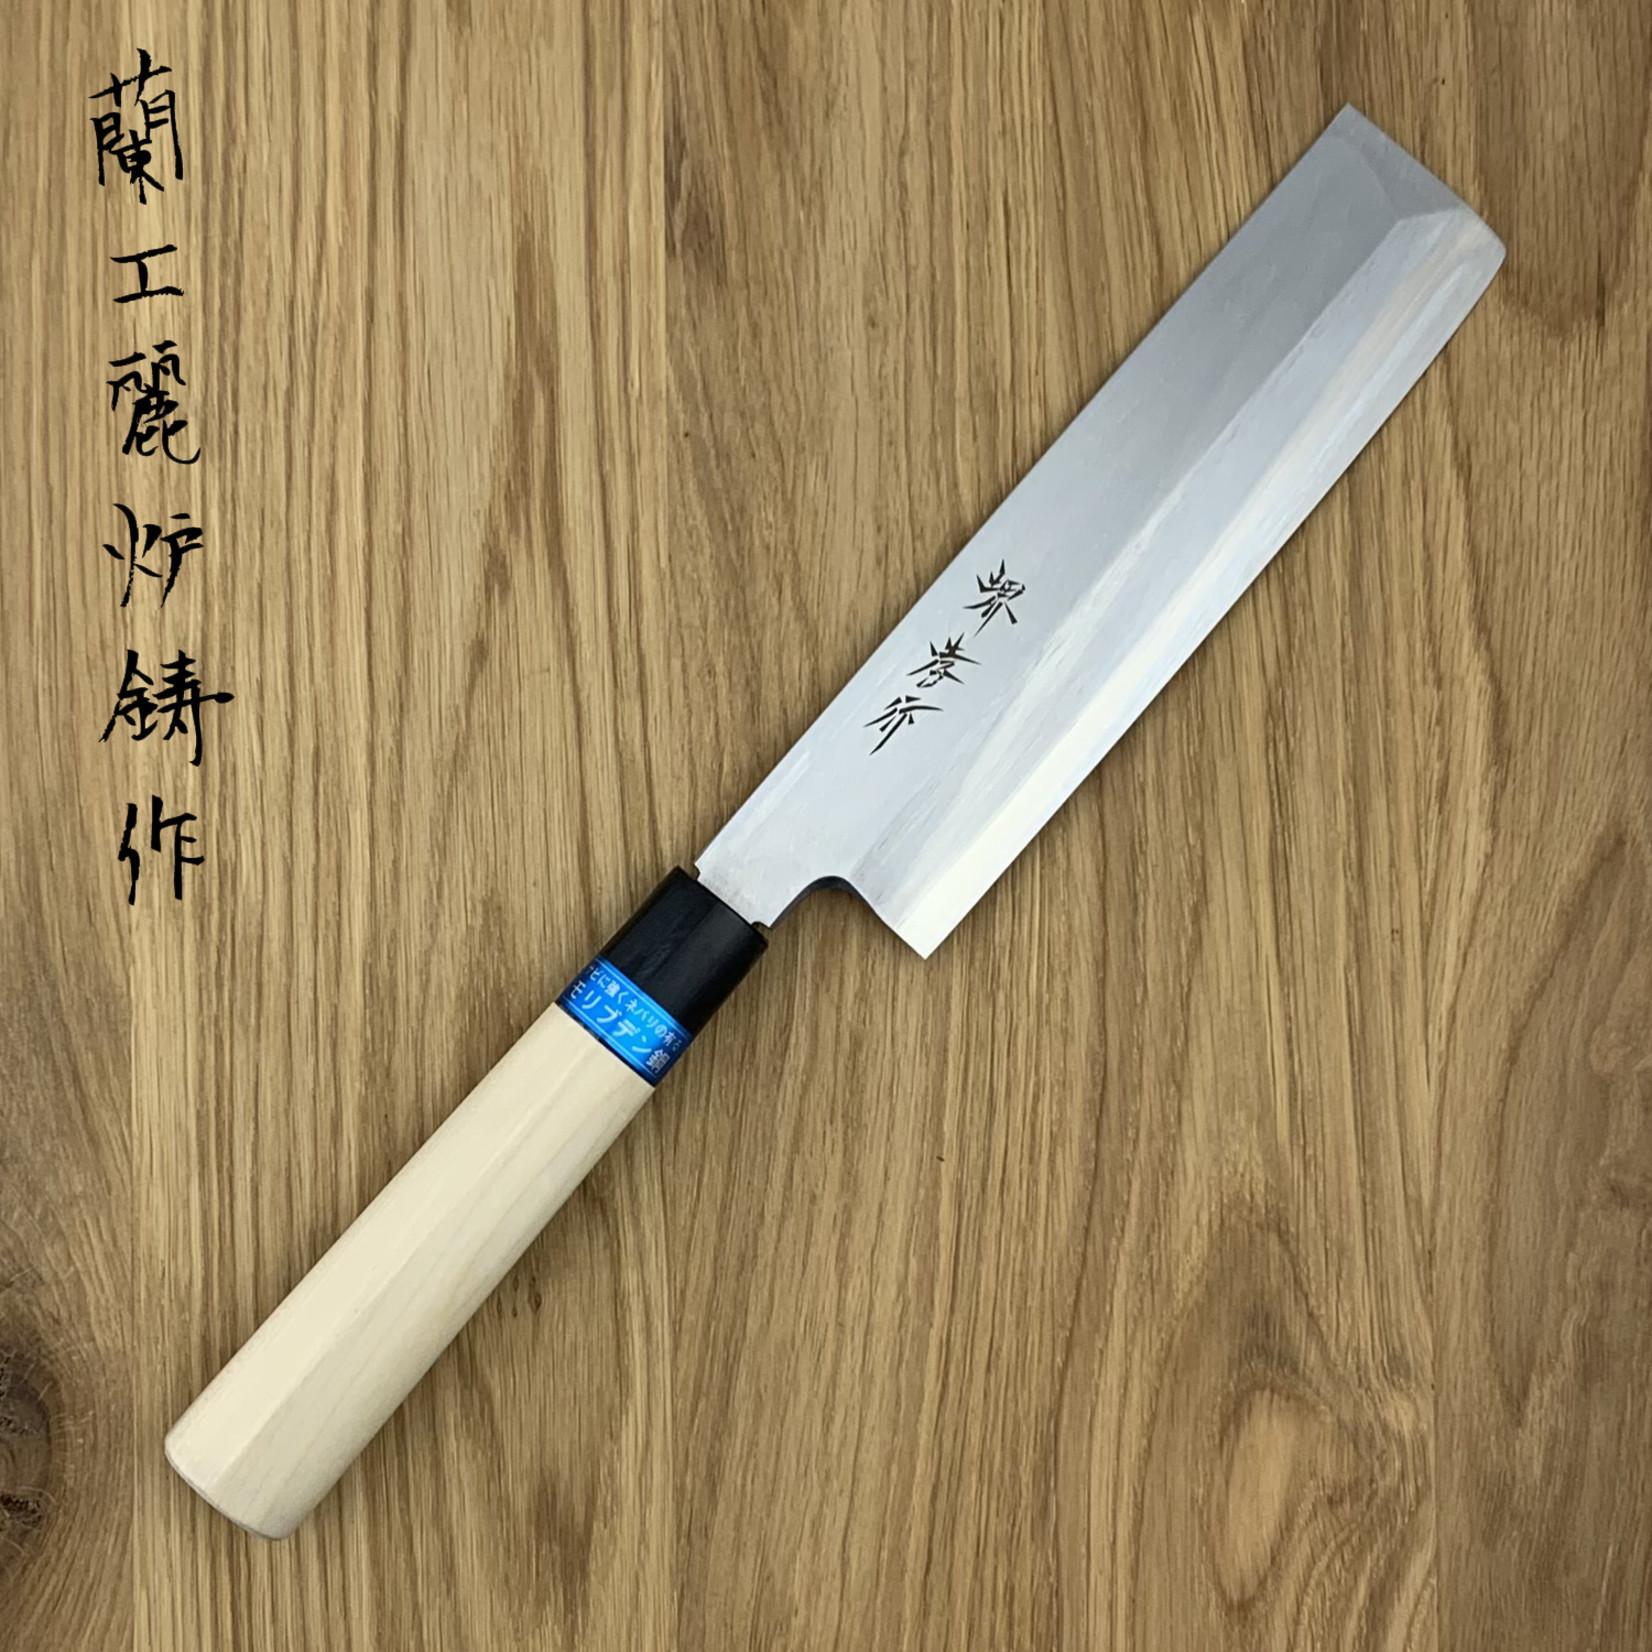 SAKAI TAKAYUKI Usuba 180 mm Inox  04363